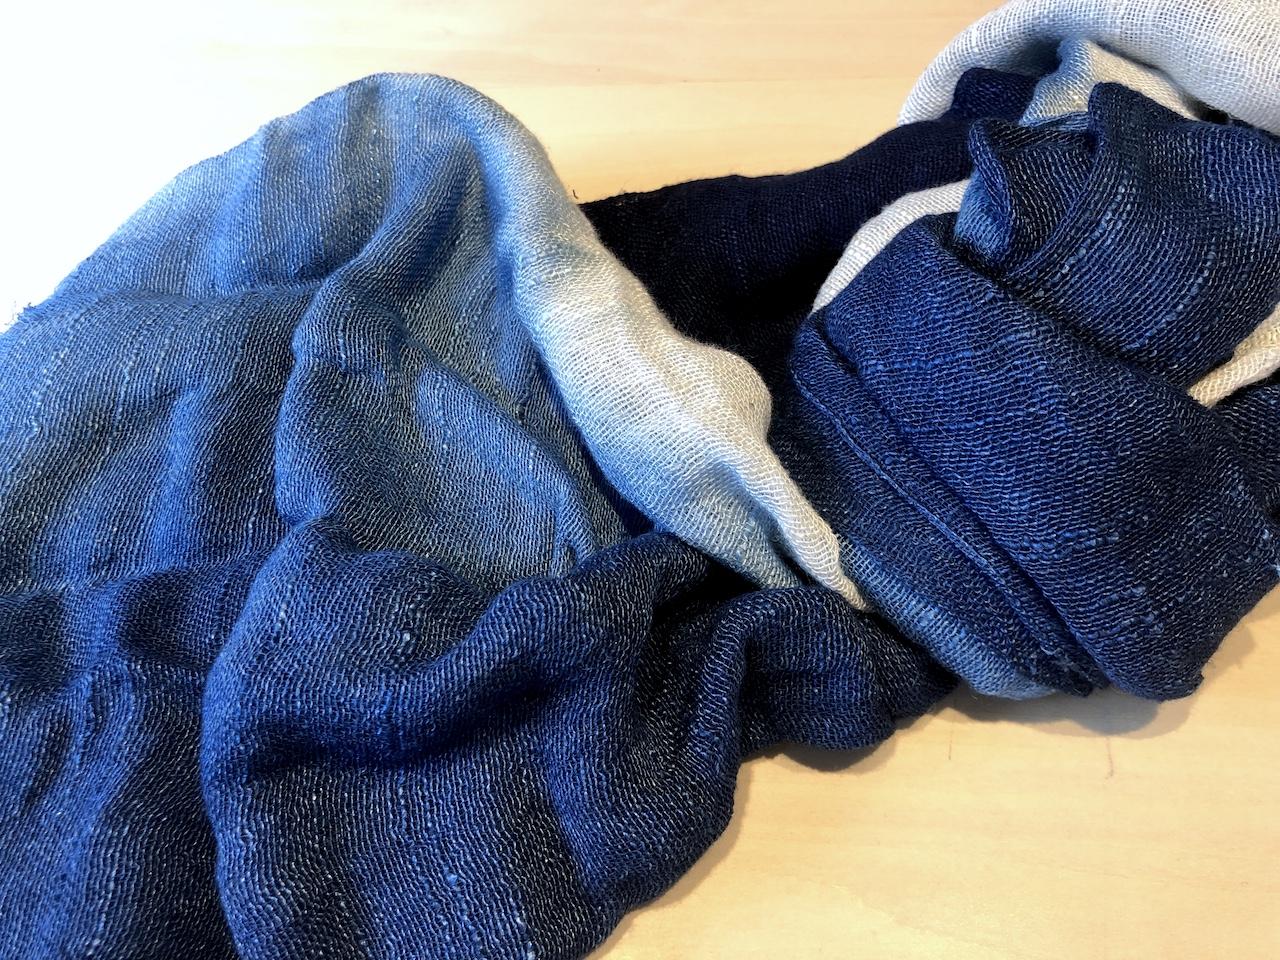 【8.19開催】藍染で作るストール ワークショップ